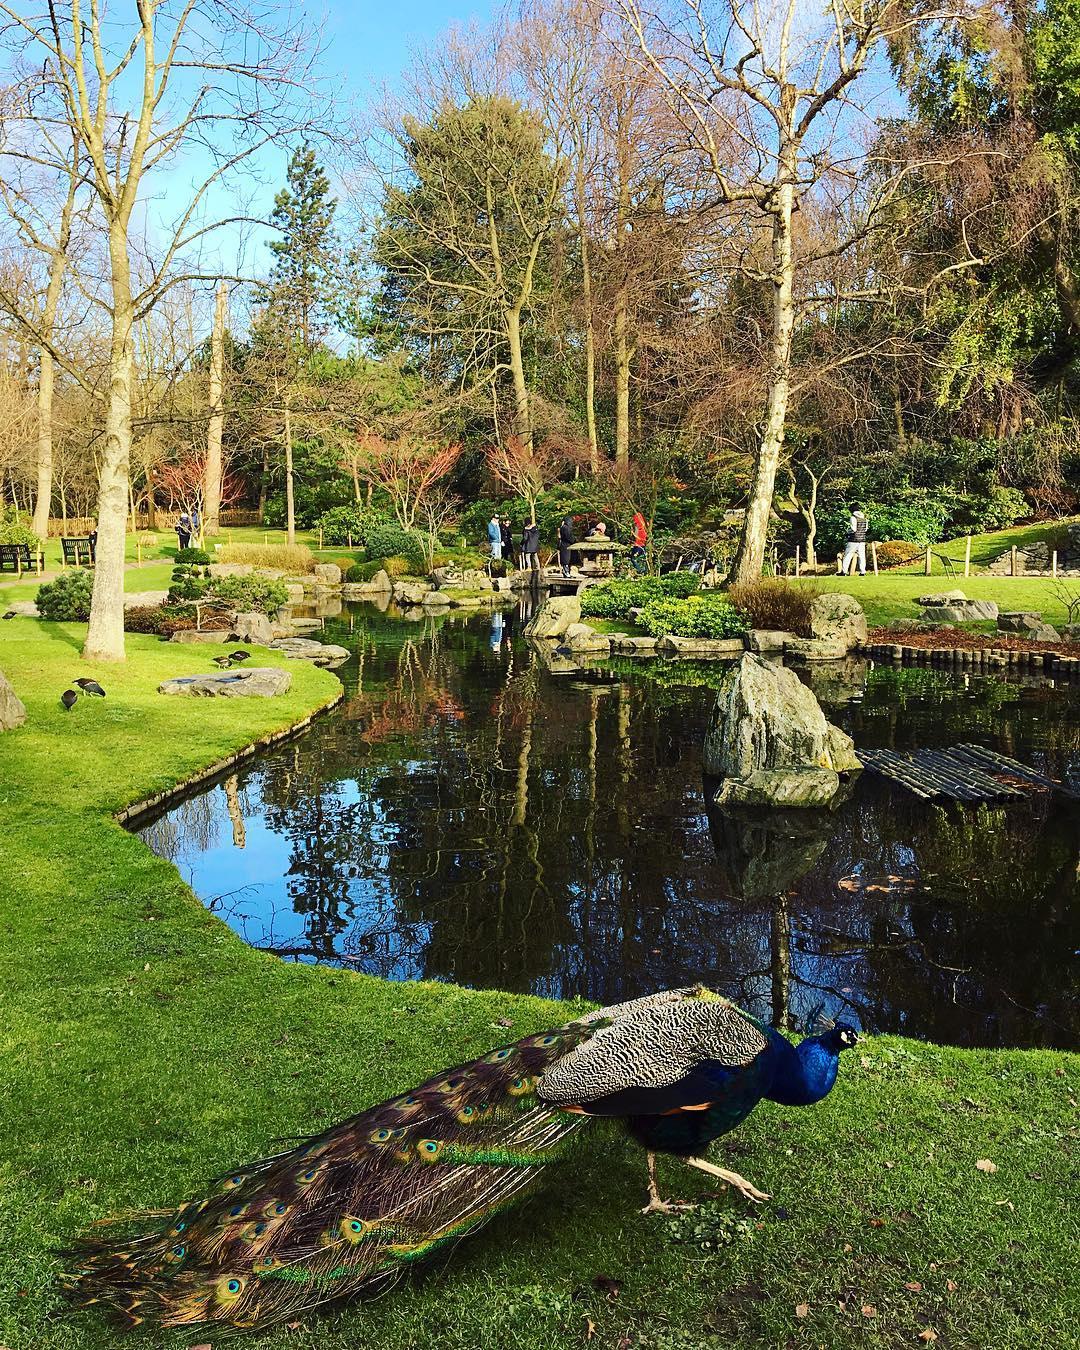 winter-peacock-kyoto-garden